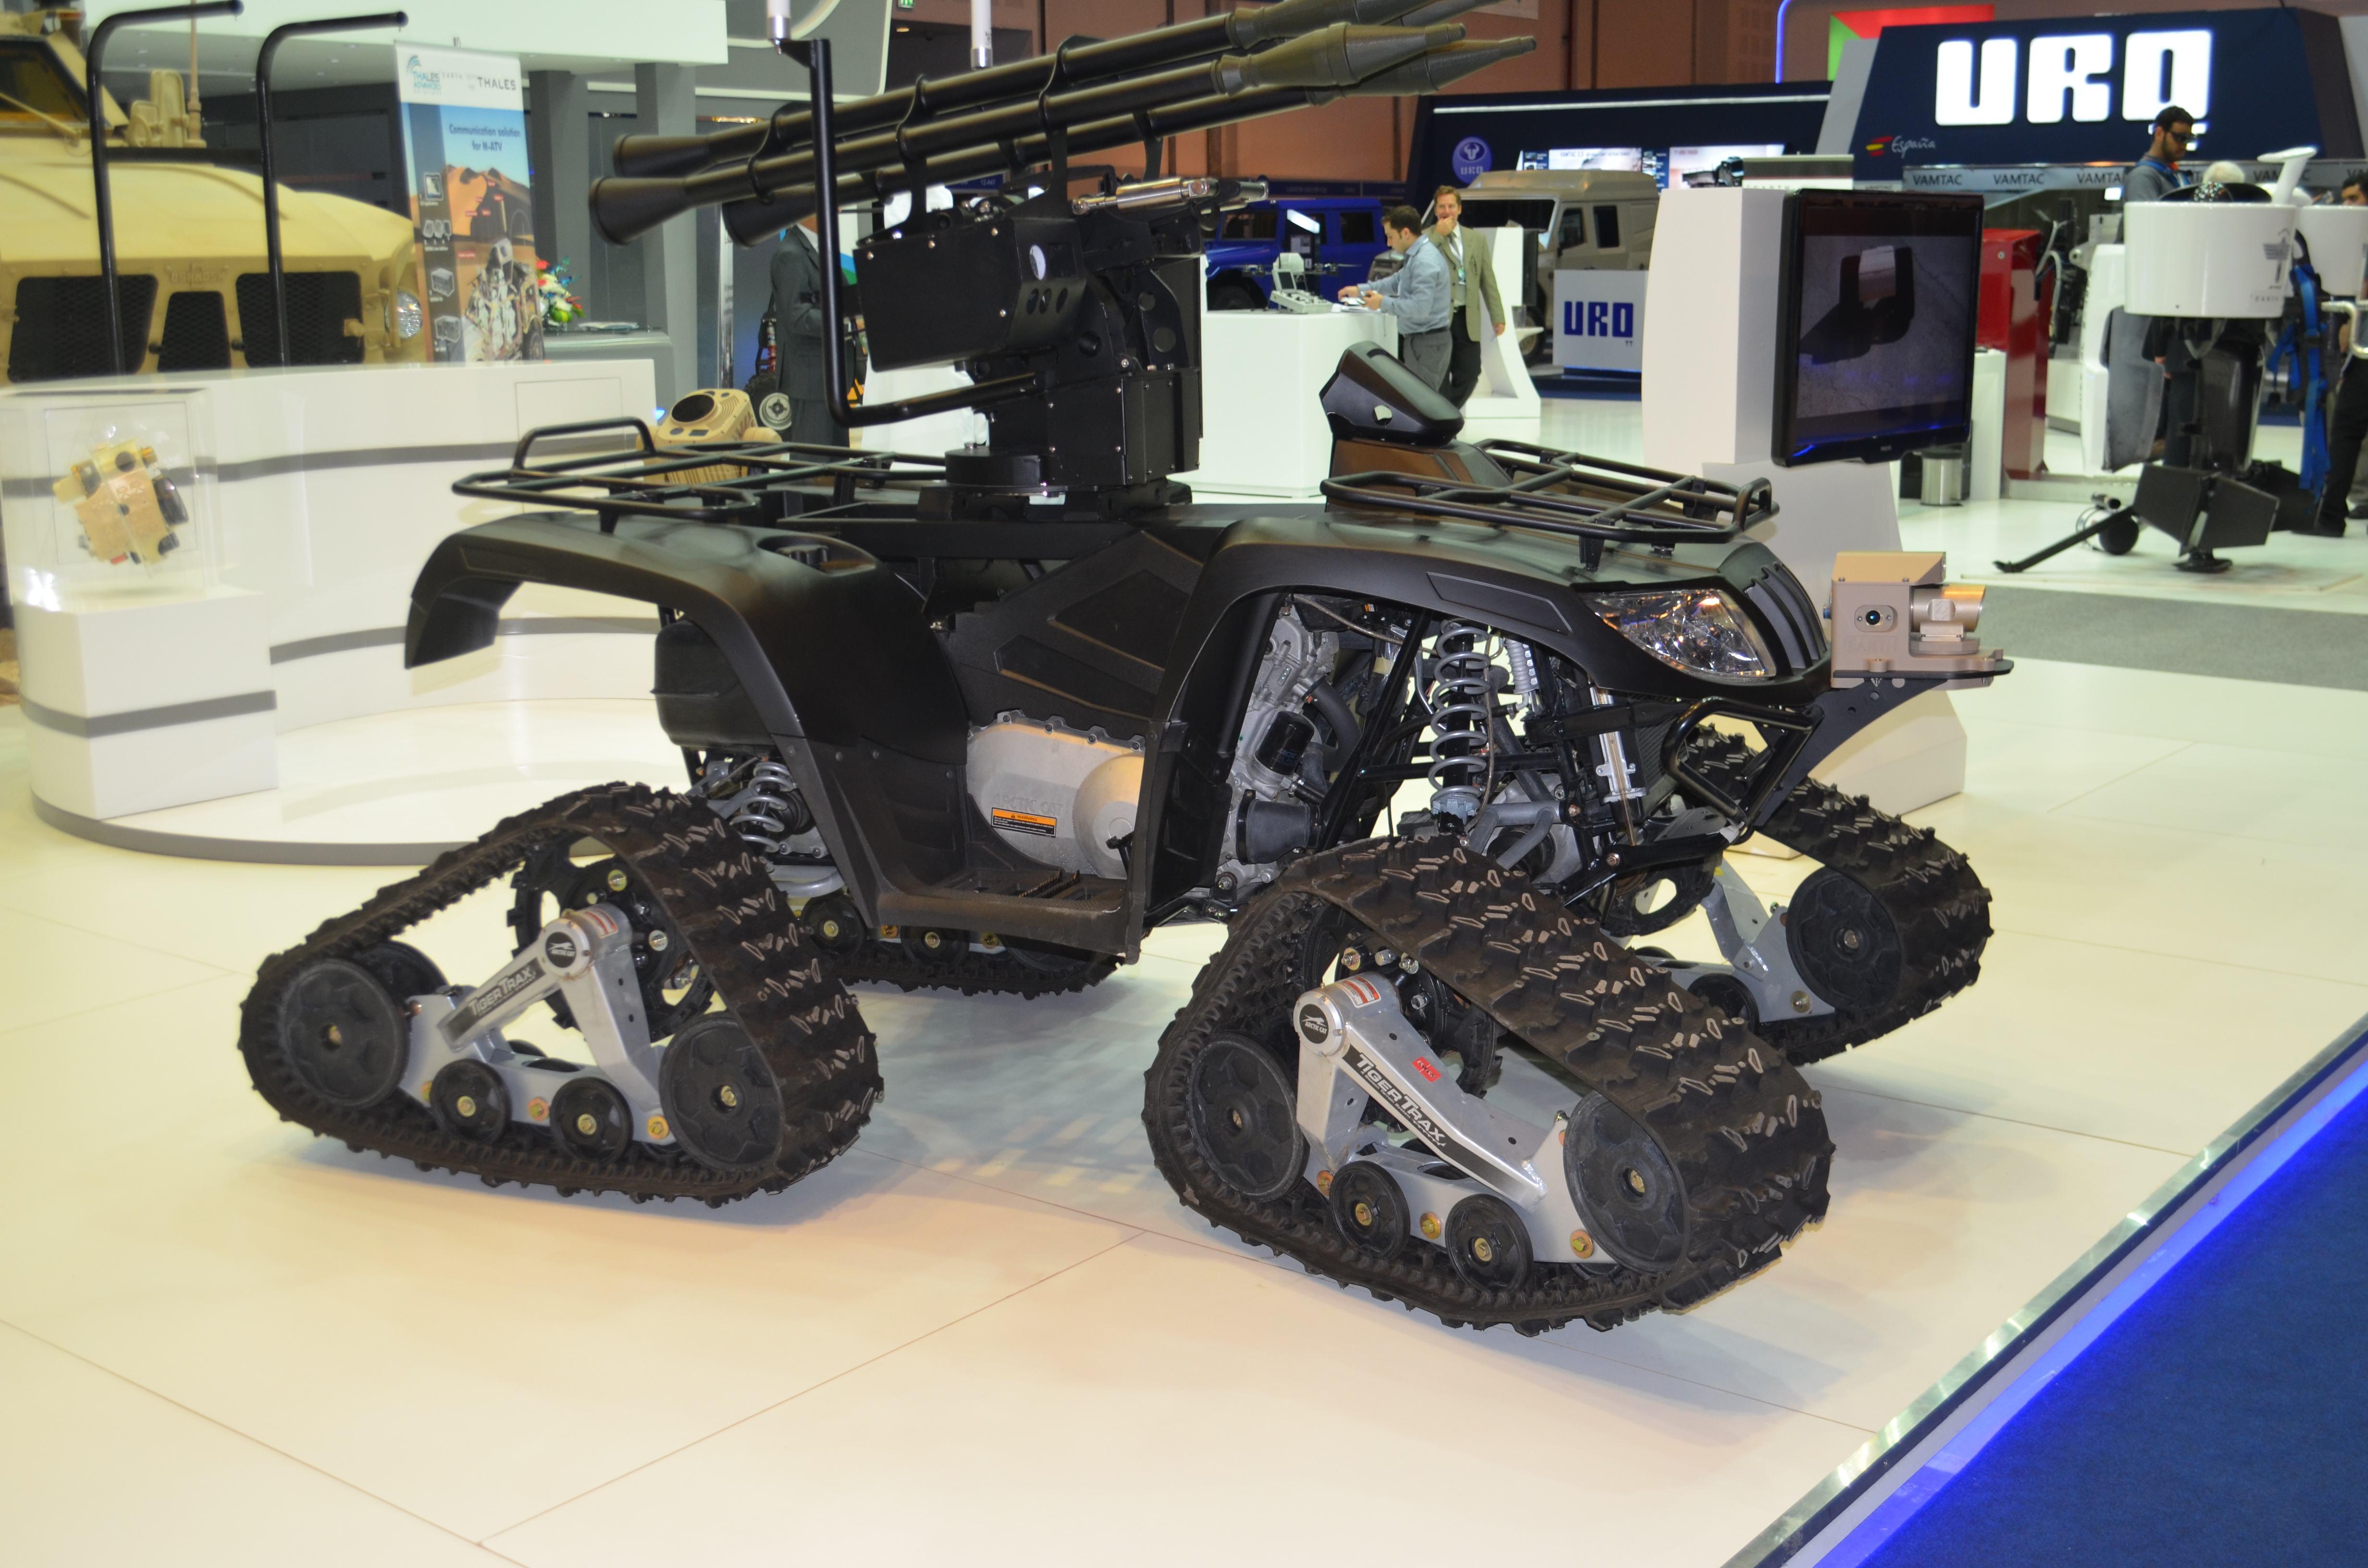 Autonomes unbemanntes Waffensystem der Firma EARTH (UAE) | Bild (Ausschnitt): © Facing Finance